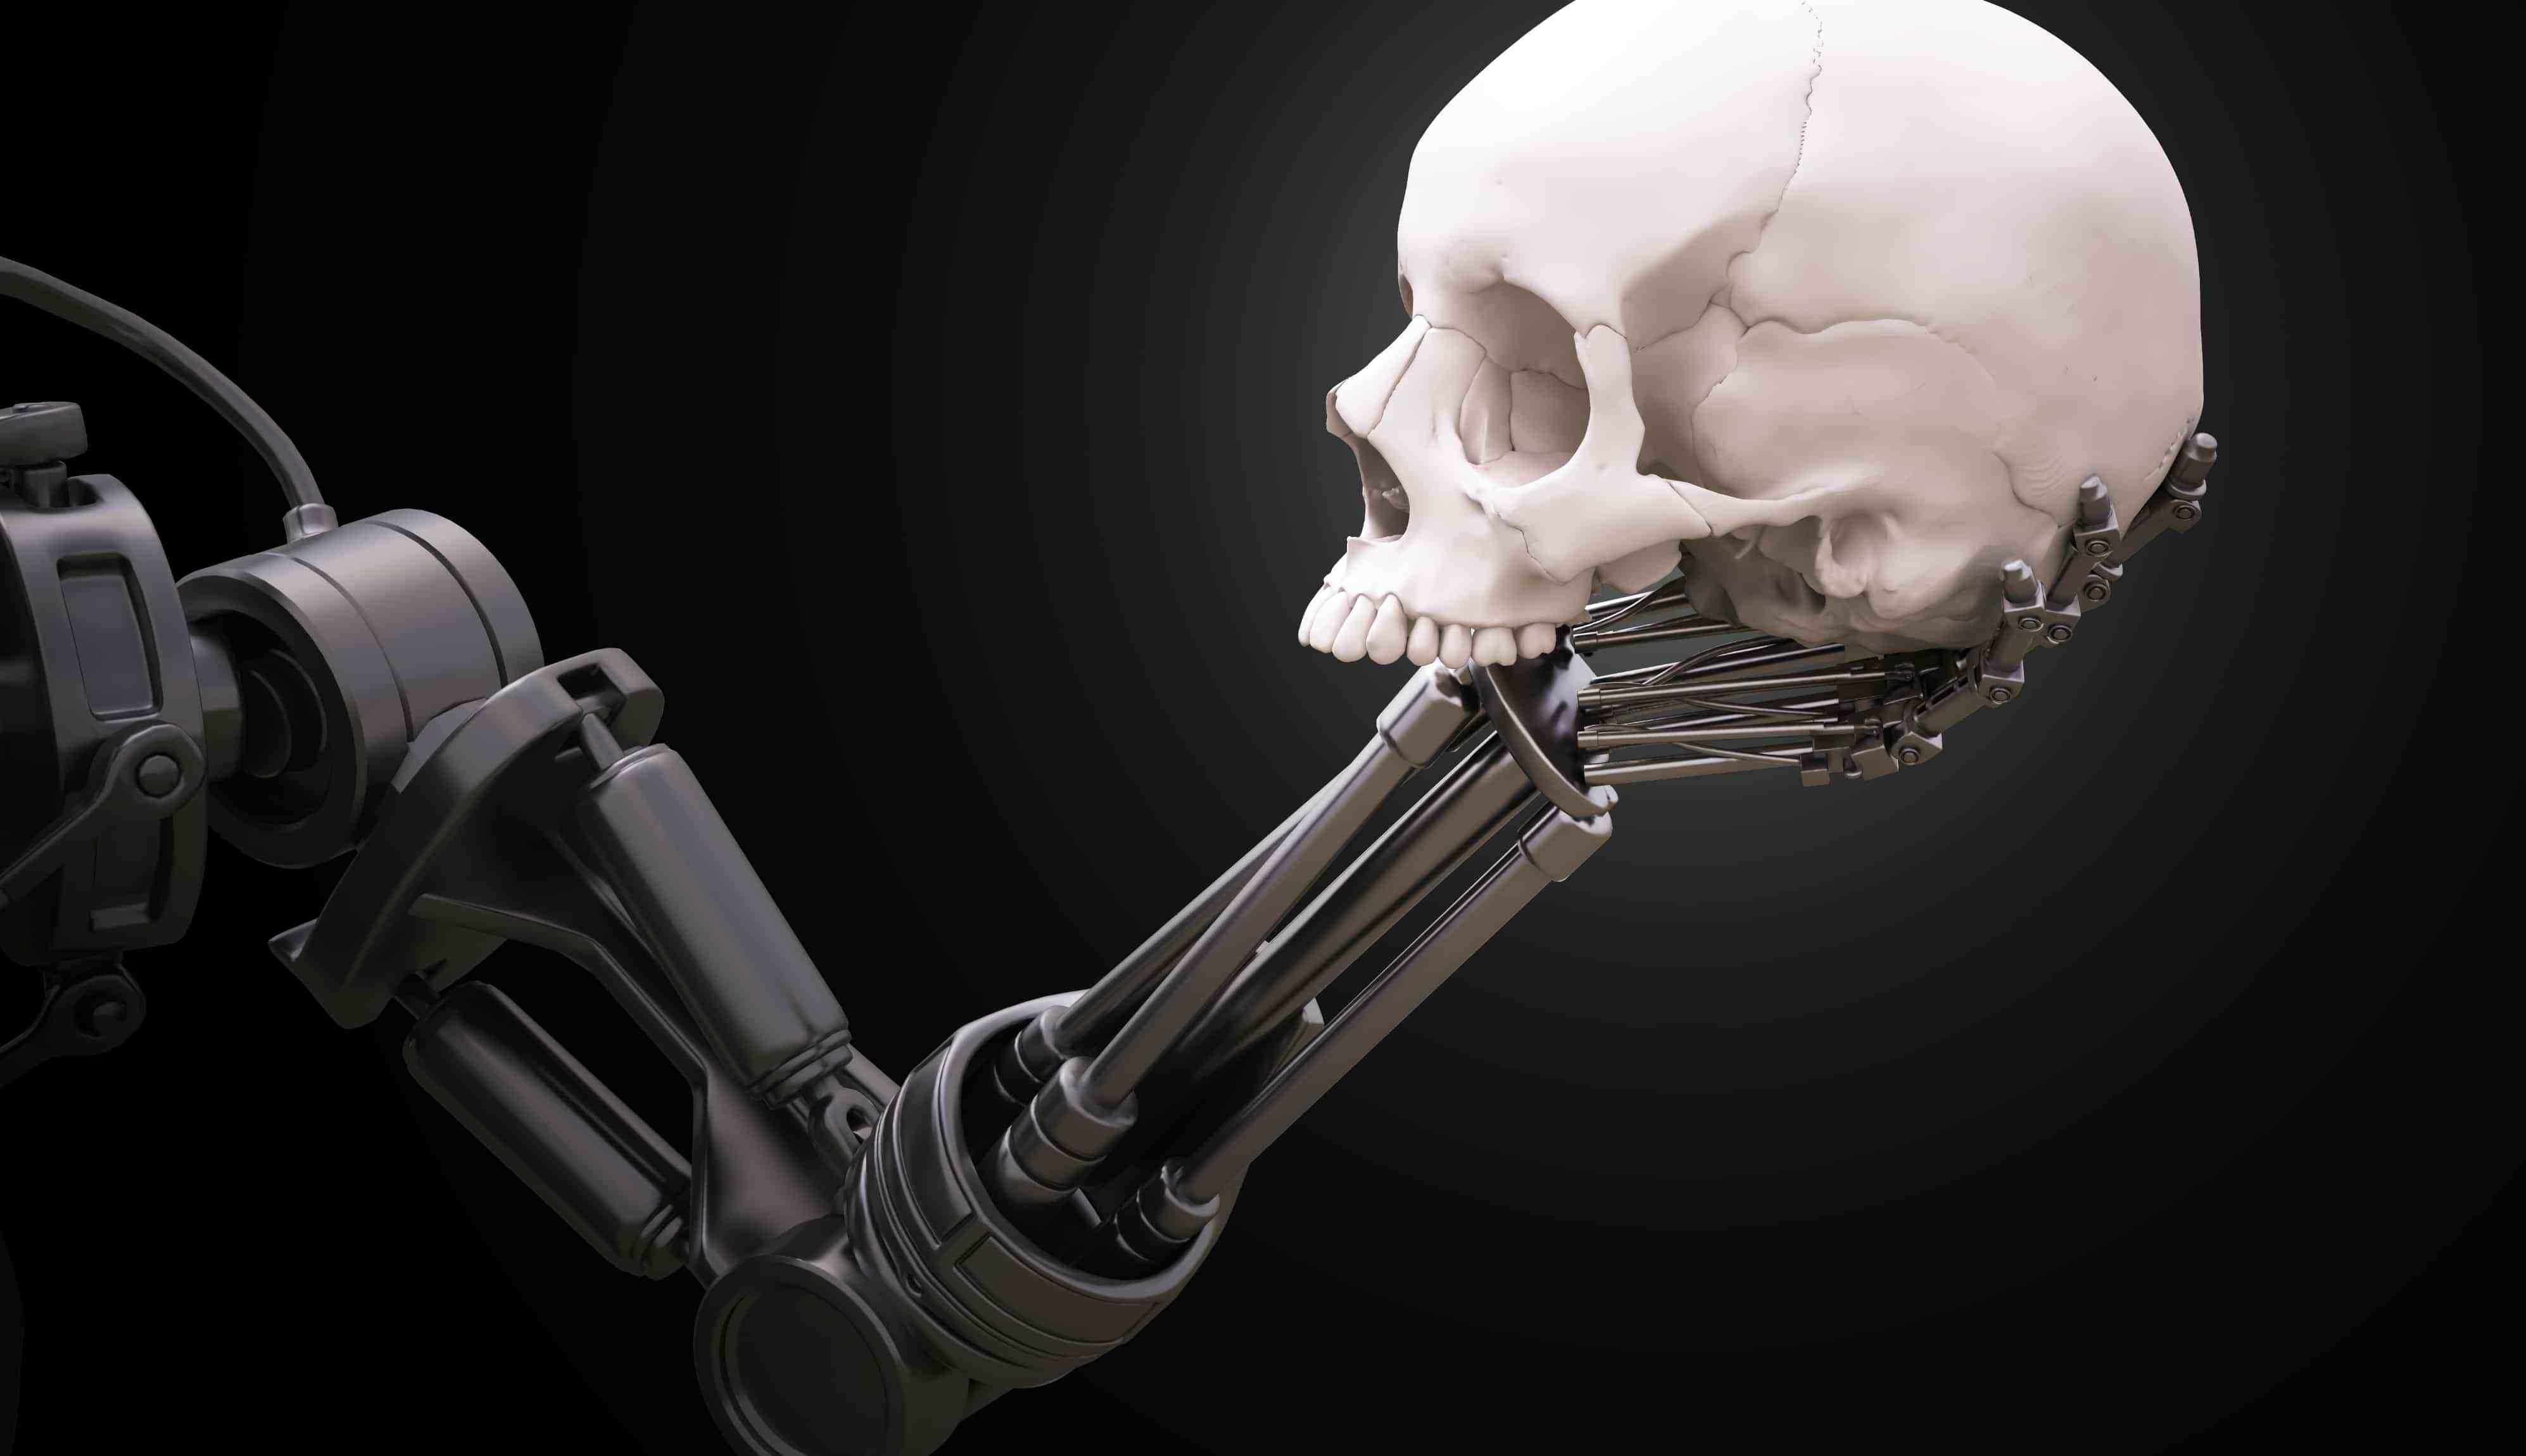 马斯克揭秘Neuralink:亲任CEO 用脑机交互防止人类沦为奴隶